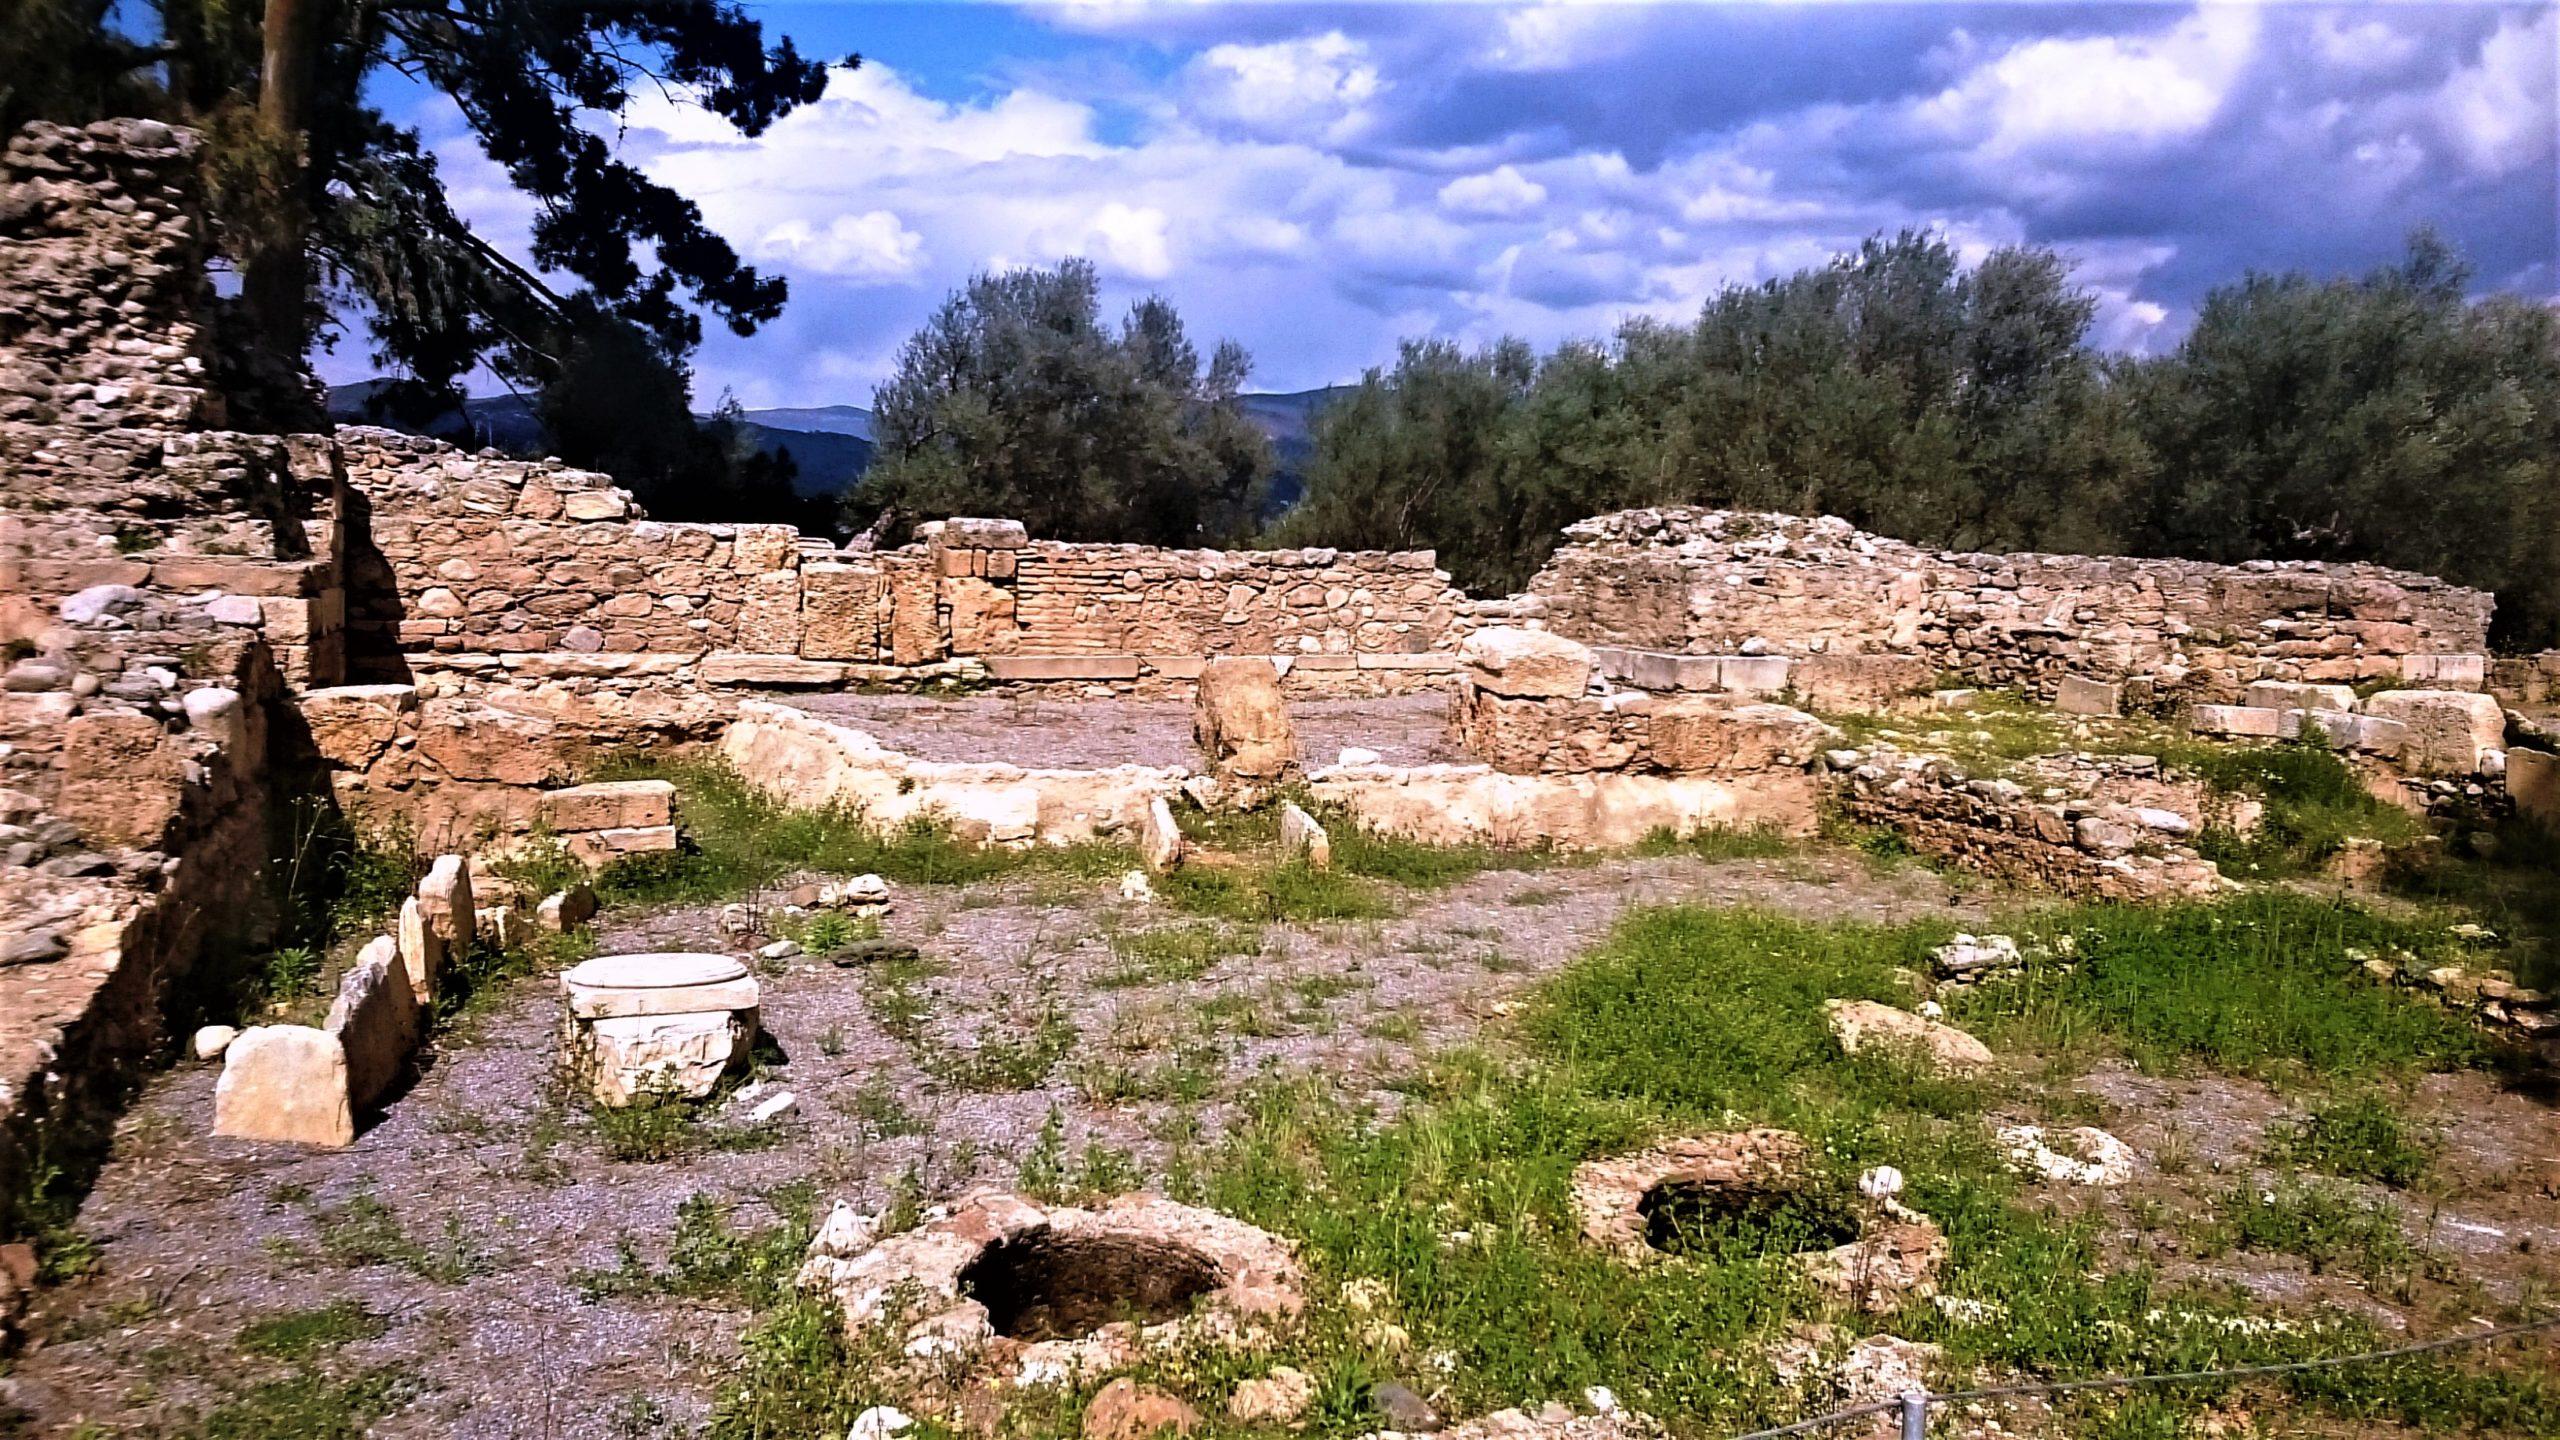 Σπάρτη, Λακωνία, Πελοπόννησος, Ιερό Ορθίας Αρτέμιδος, Ταϋγετος, Ιερό Χαλκιοίκου Αθηνάς, Μιστράς